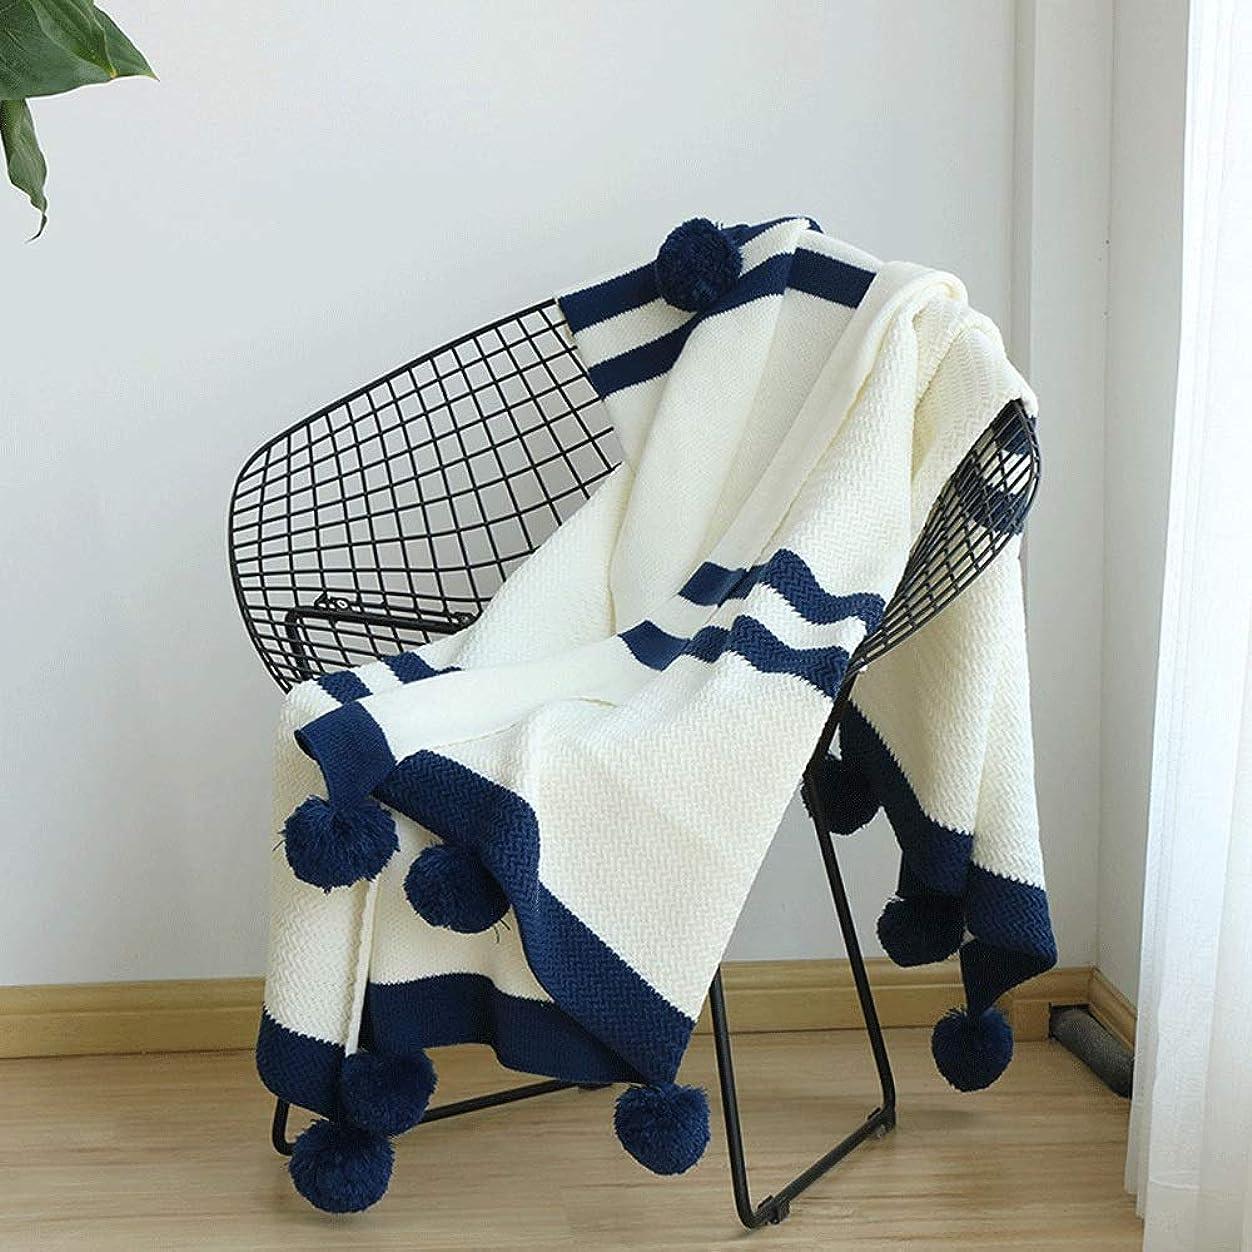 オッズ奨学金煙多機能 ソファー ブランケット ソファーのソファーベッドの旅行のための縞のニット毛布大人のためのオールシーズンニット投球毛布 (Color : White, Size : 130cmx160cm)